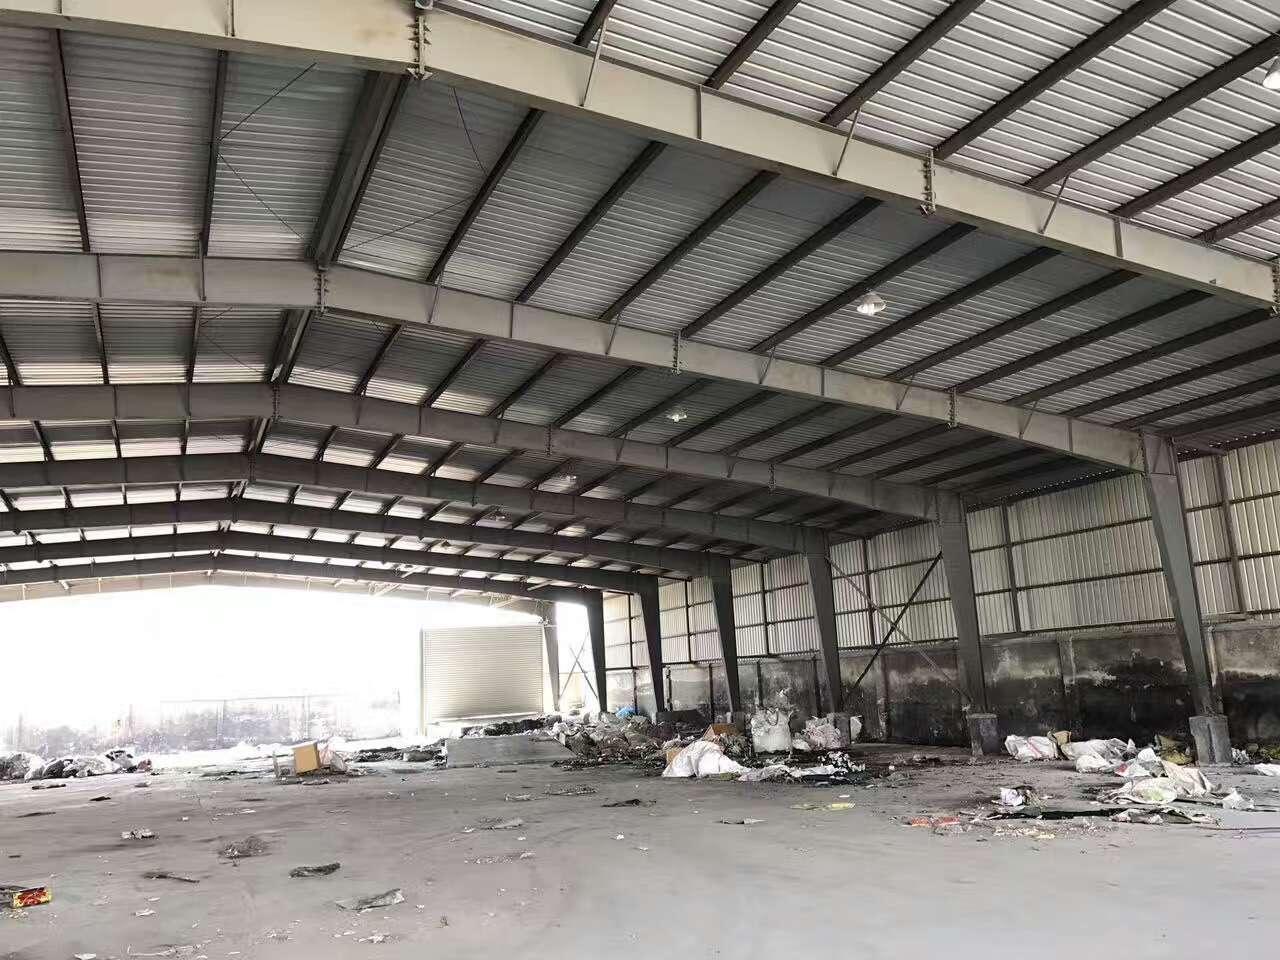 钢结构材料出售收购-海涛二手钢结构工程项目